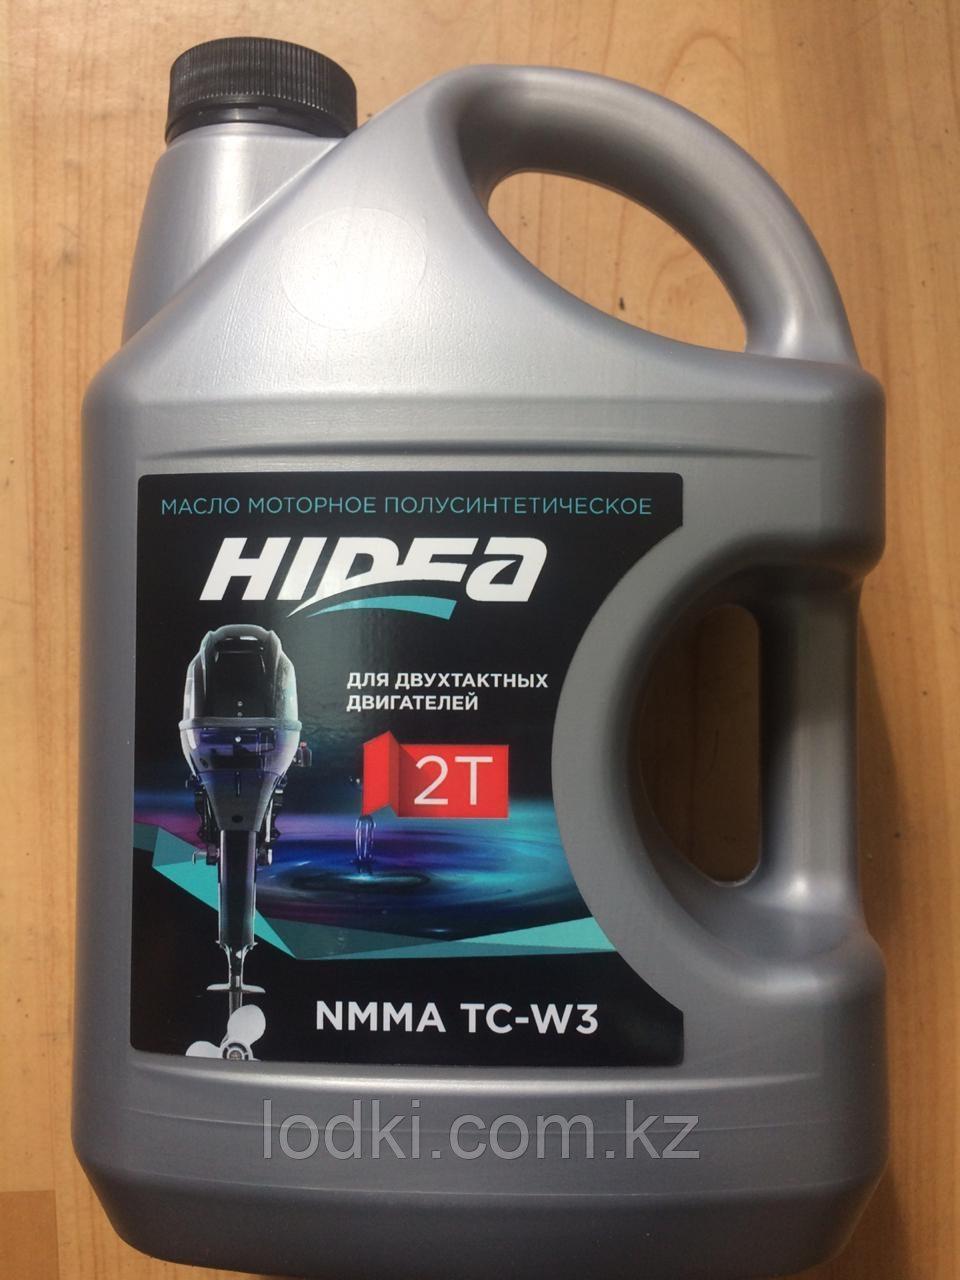 Масло для подвесных лодочных моторов hidea 2t nmma tc-w3 3л - фото 1